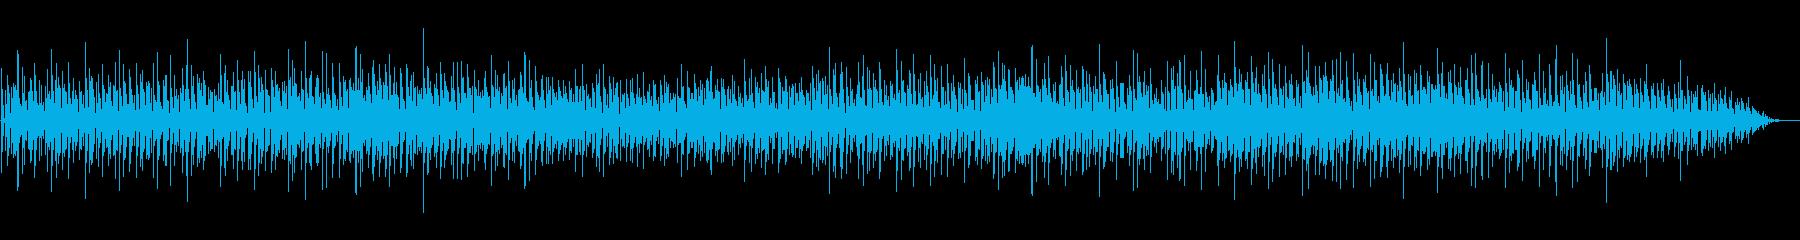 怪しい雰囲気のアンビエントの再生済みの波形